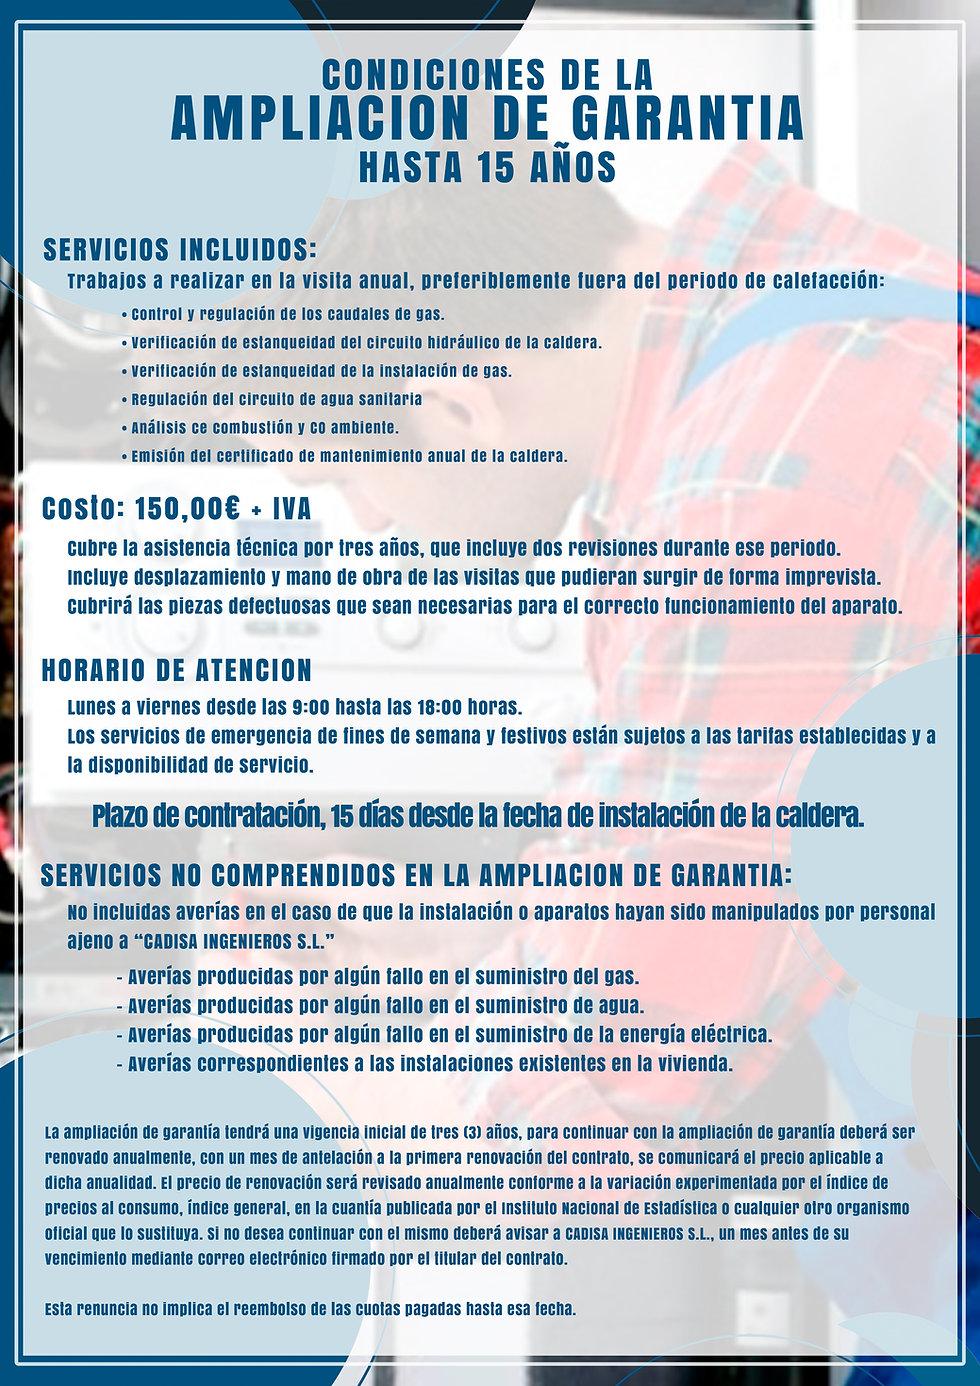 CONDICIONES AMPLIACION DE GARANTIA 15 AÑ